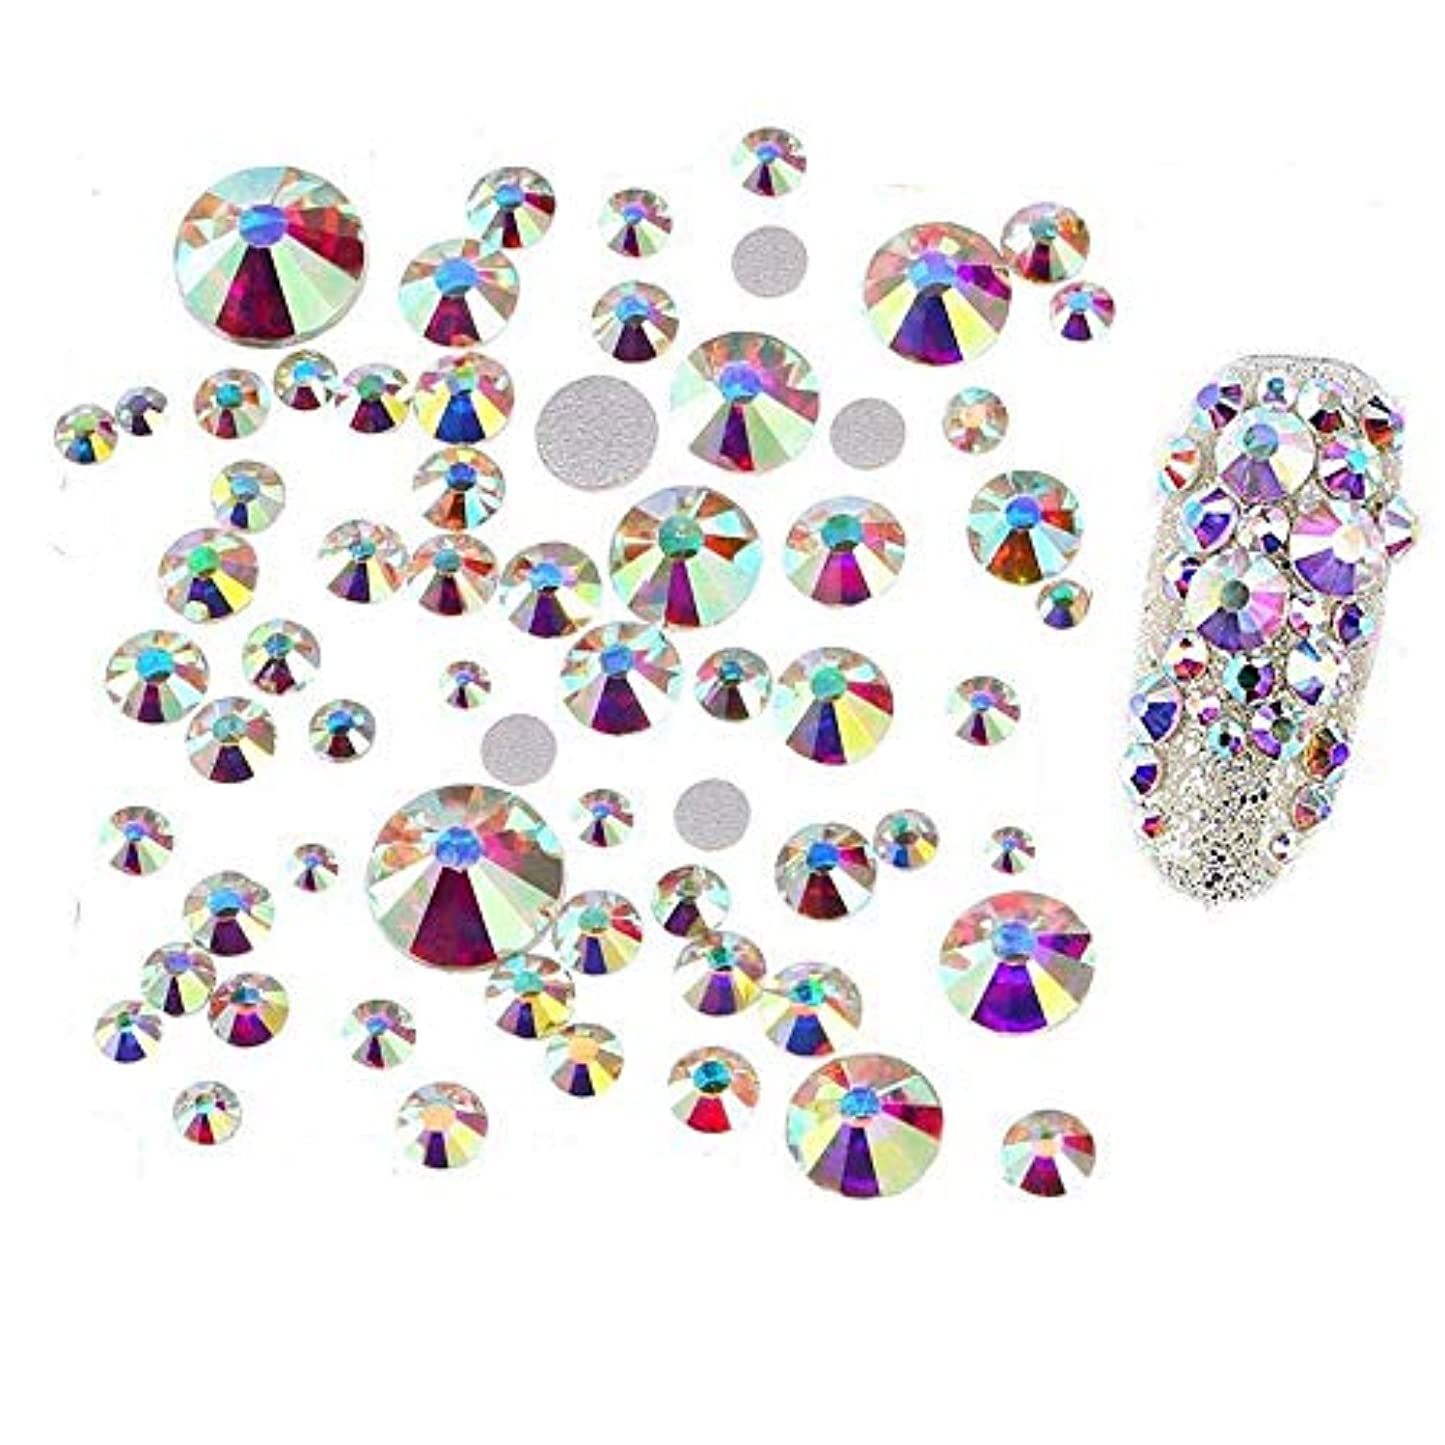 命令迫害する対角線高品質 ガラスストーン オーロラ クリスタル,ラインストーン ネイル デコ ガラスストーン クリスタル ジェルネイル ネイルパーツ (約200粒)